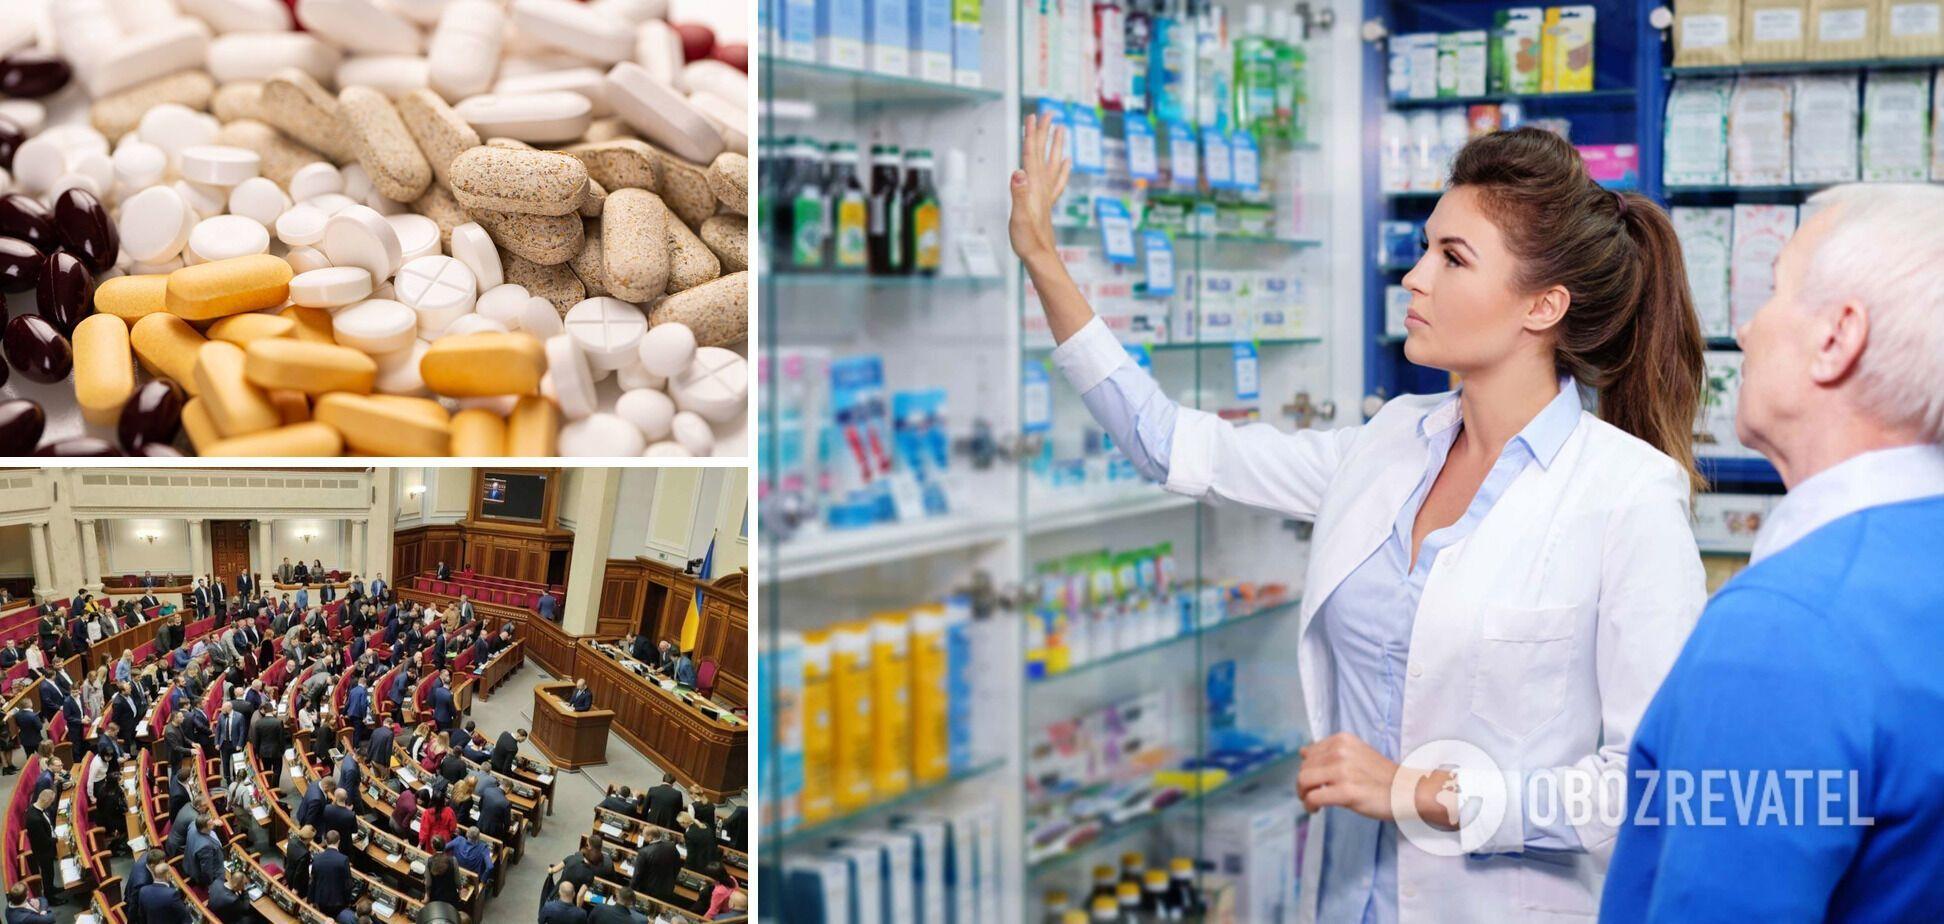 Корупція, фальсифікат, небезпека: чому нардепи взялися за ринок лікарських засобів